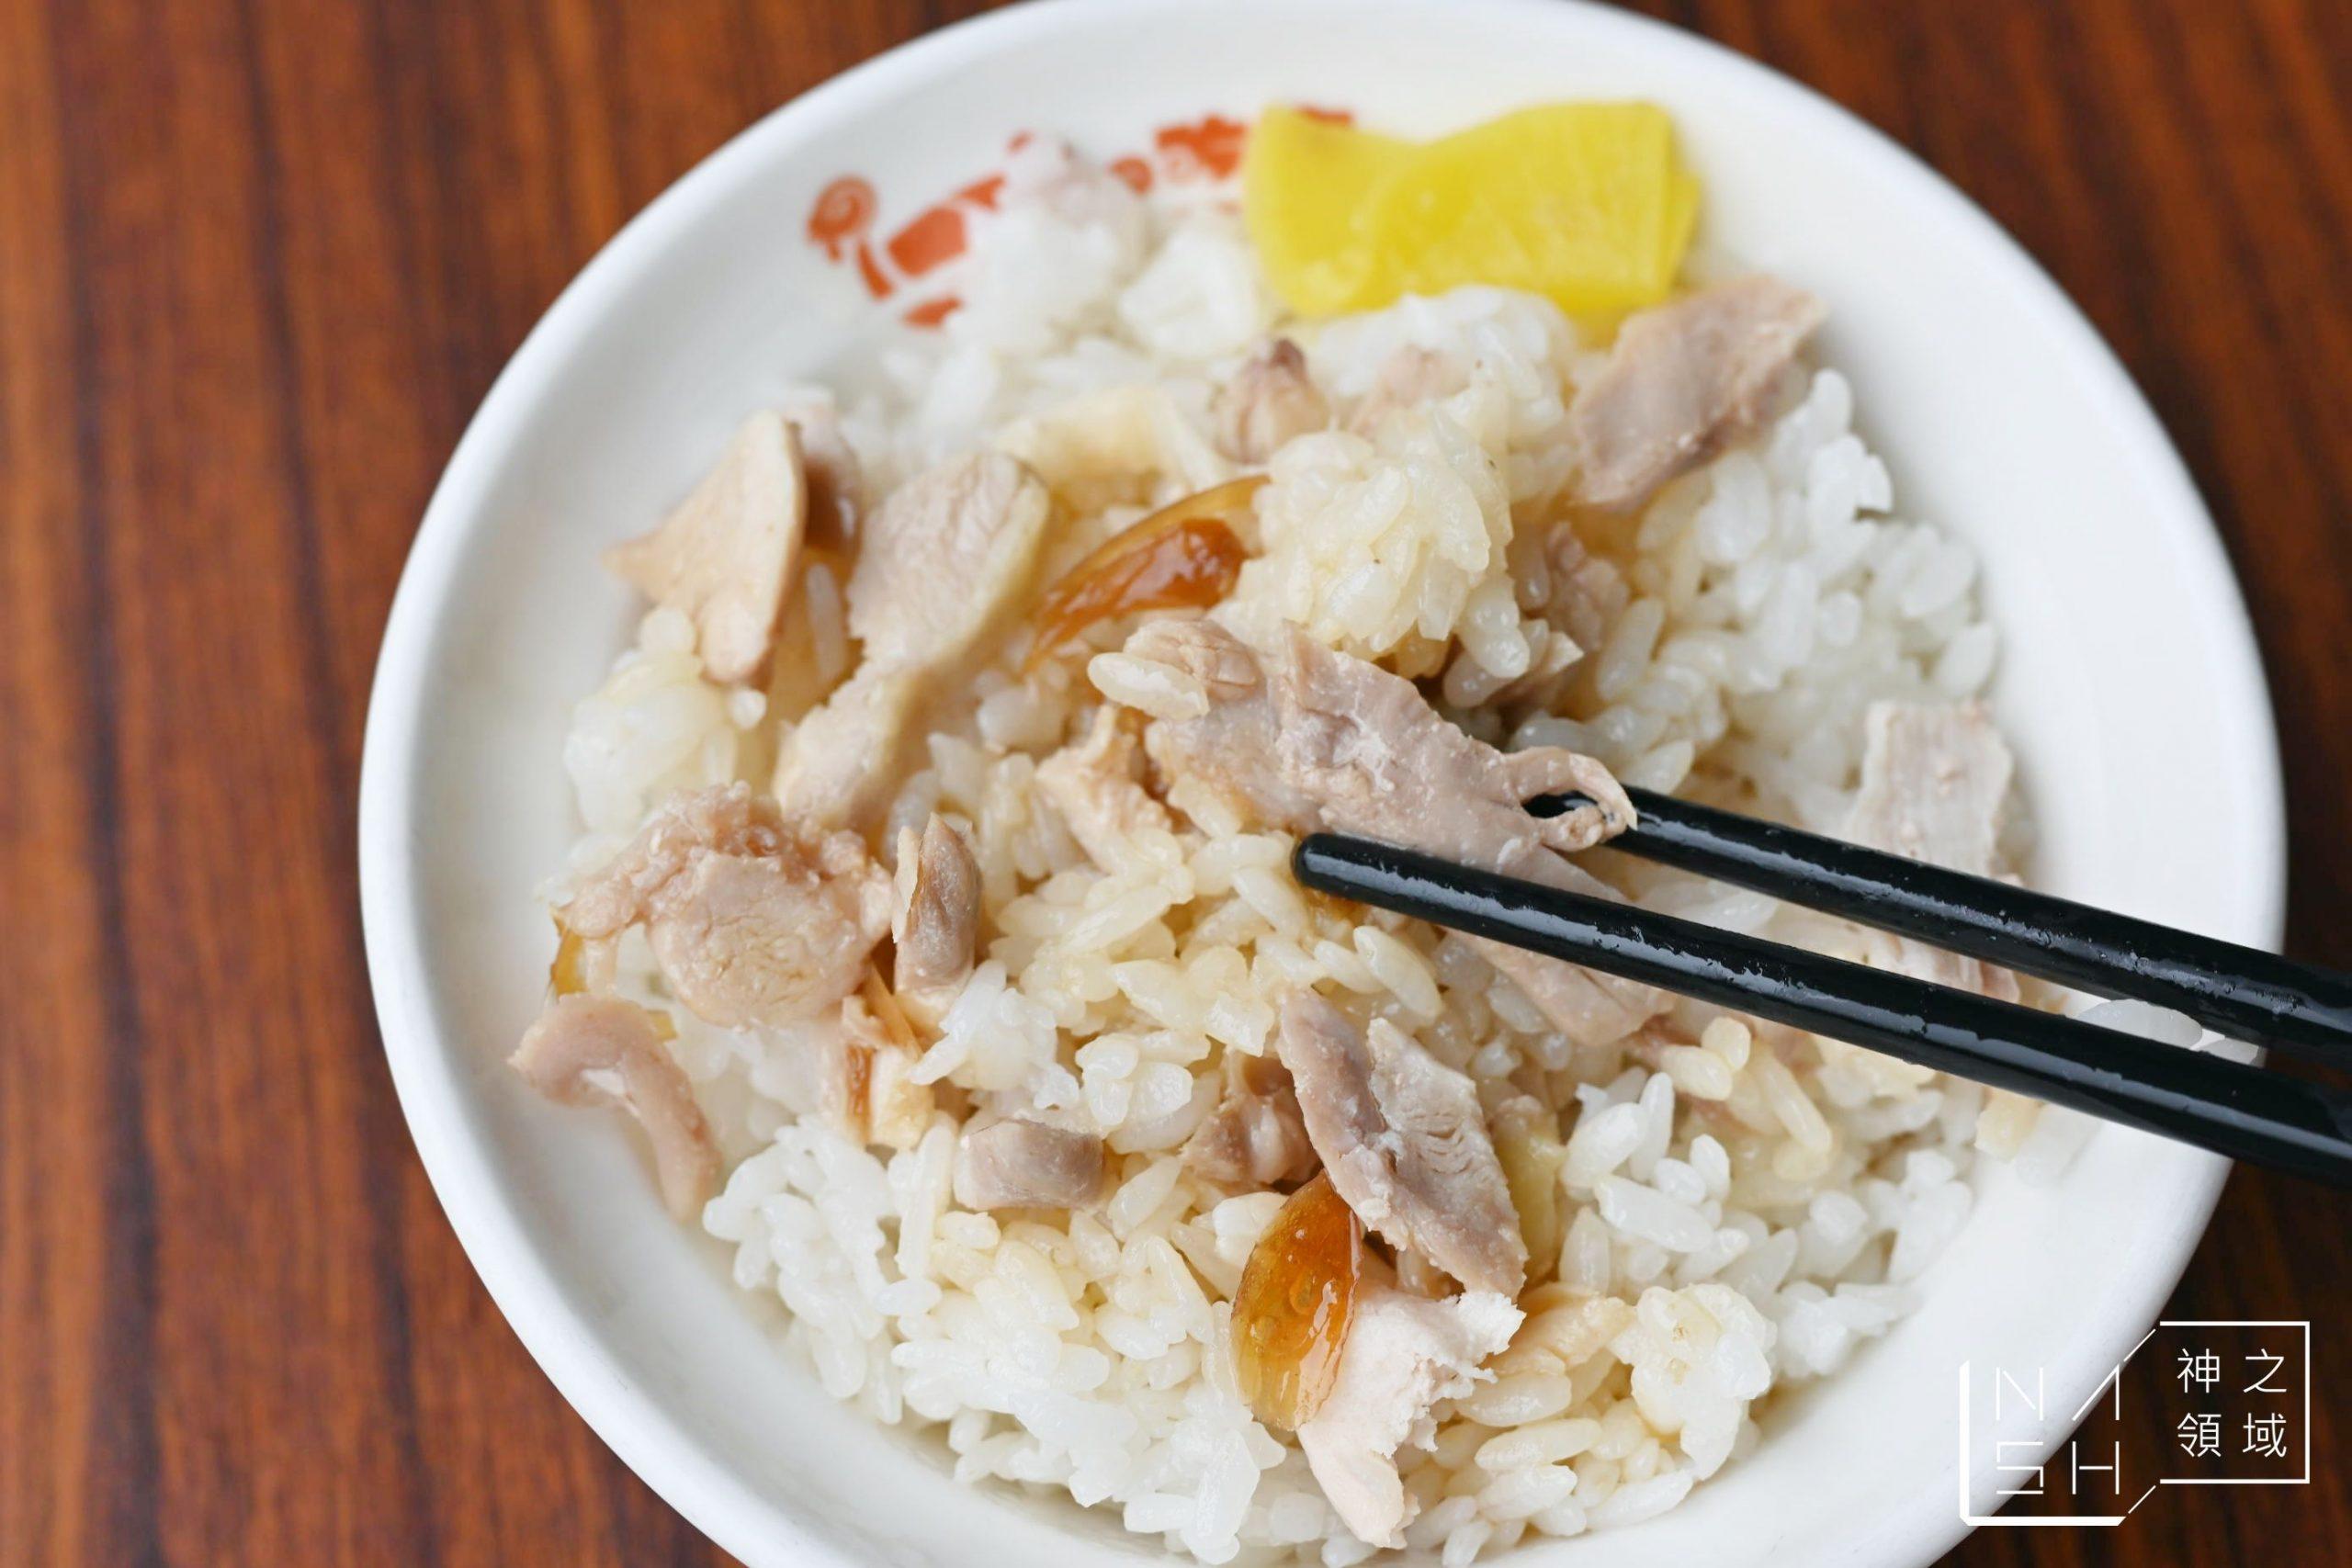 嘉義雞肉飯,嘉義火雞肉飯,簡單雞肉飯,簡單火雞肉飯,嘉義火雞肉飯懶人包,嘉義美食懶人包